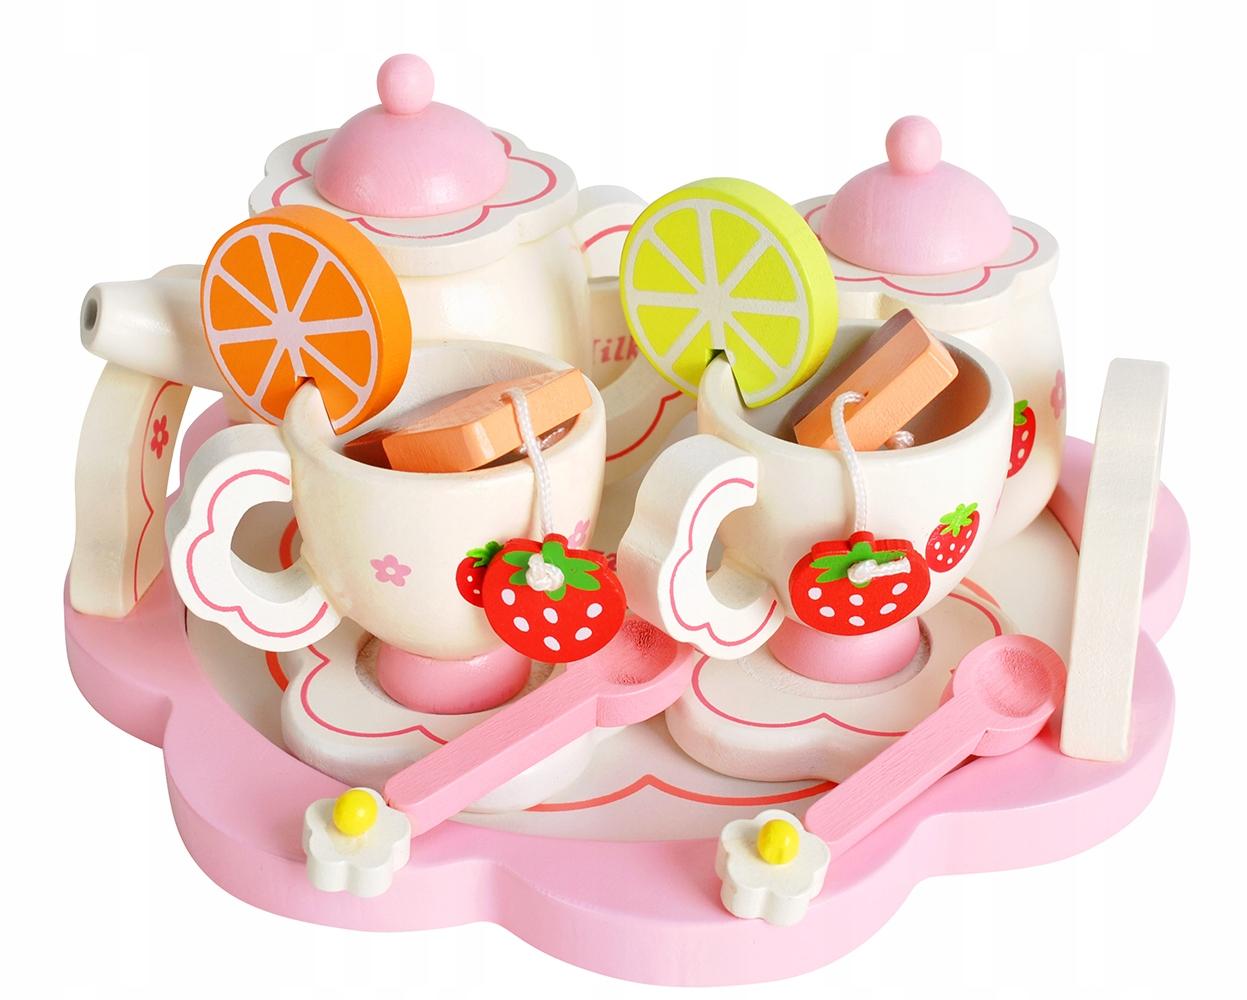 Drevený kávový čajový servis pre deti pre bábiky